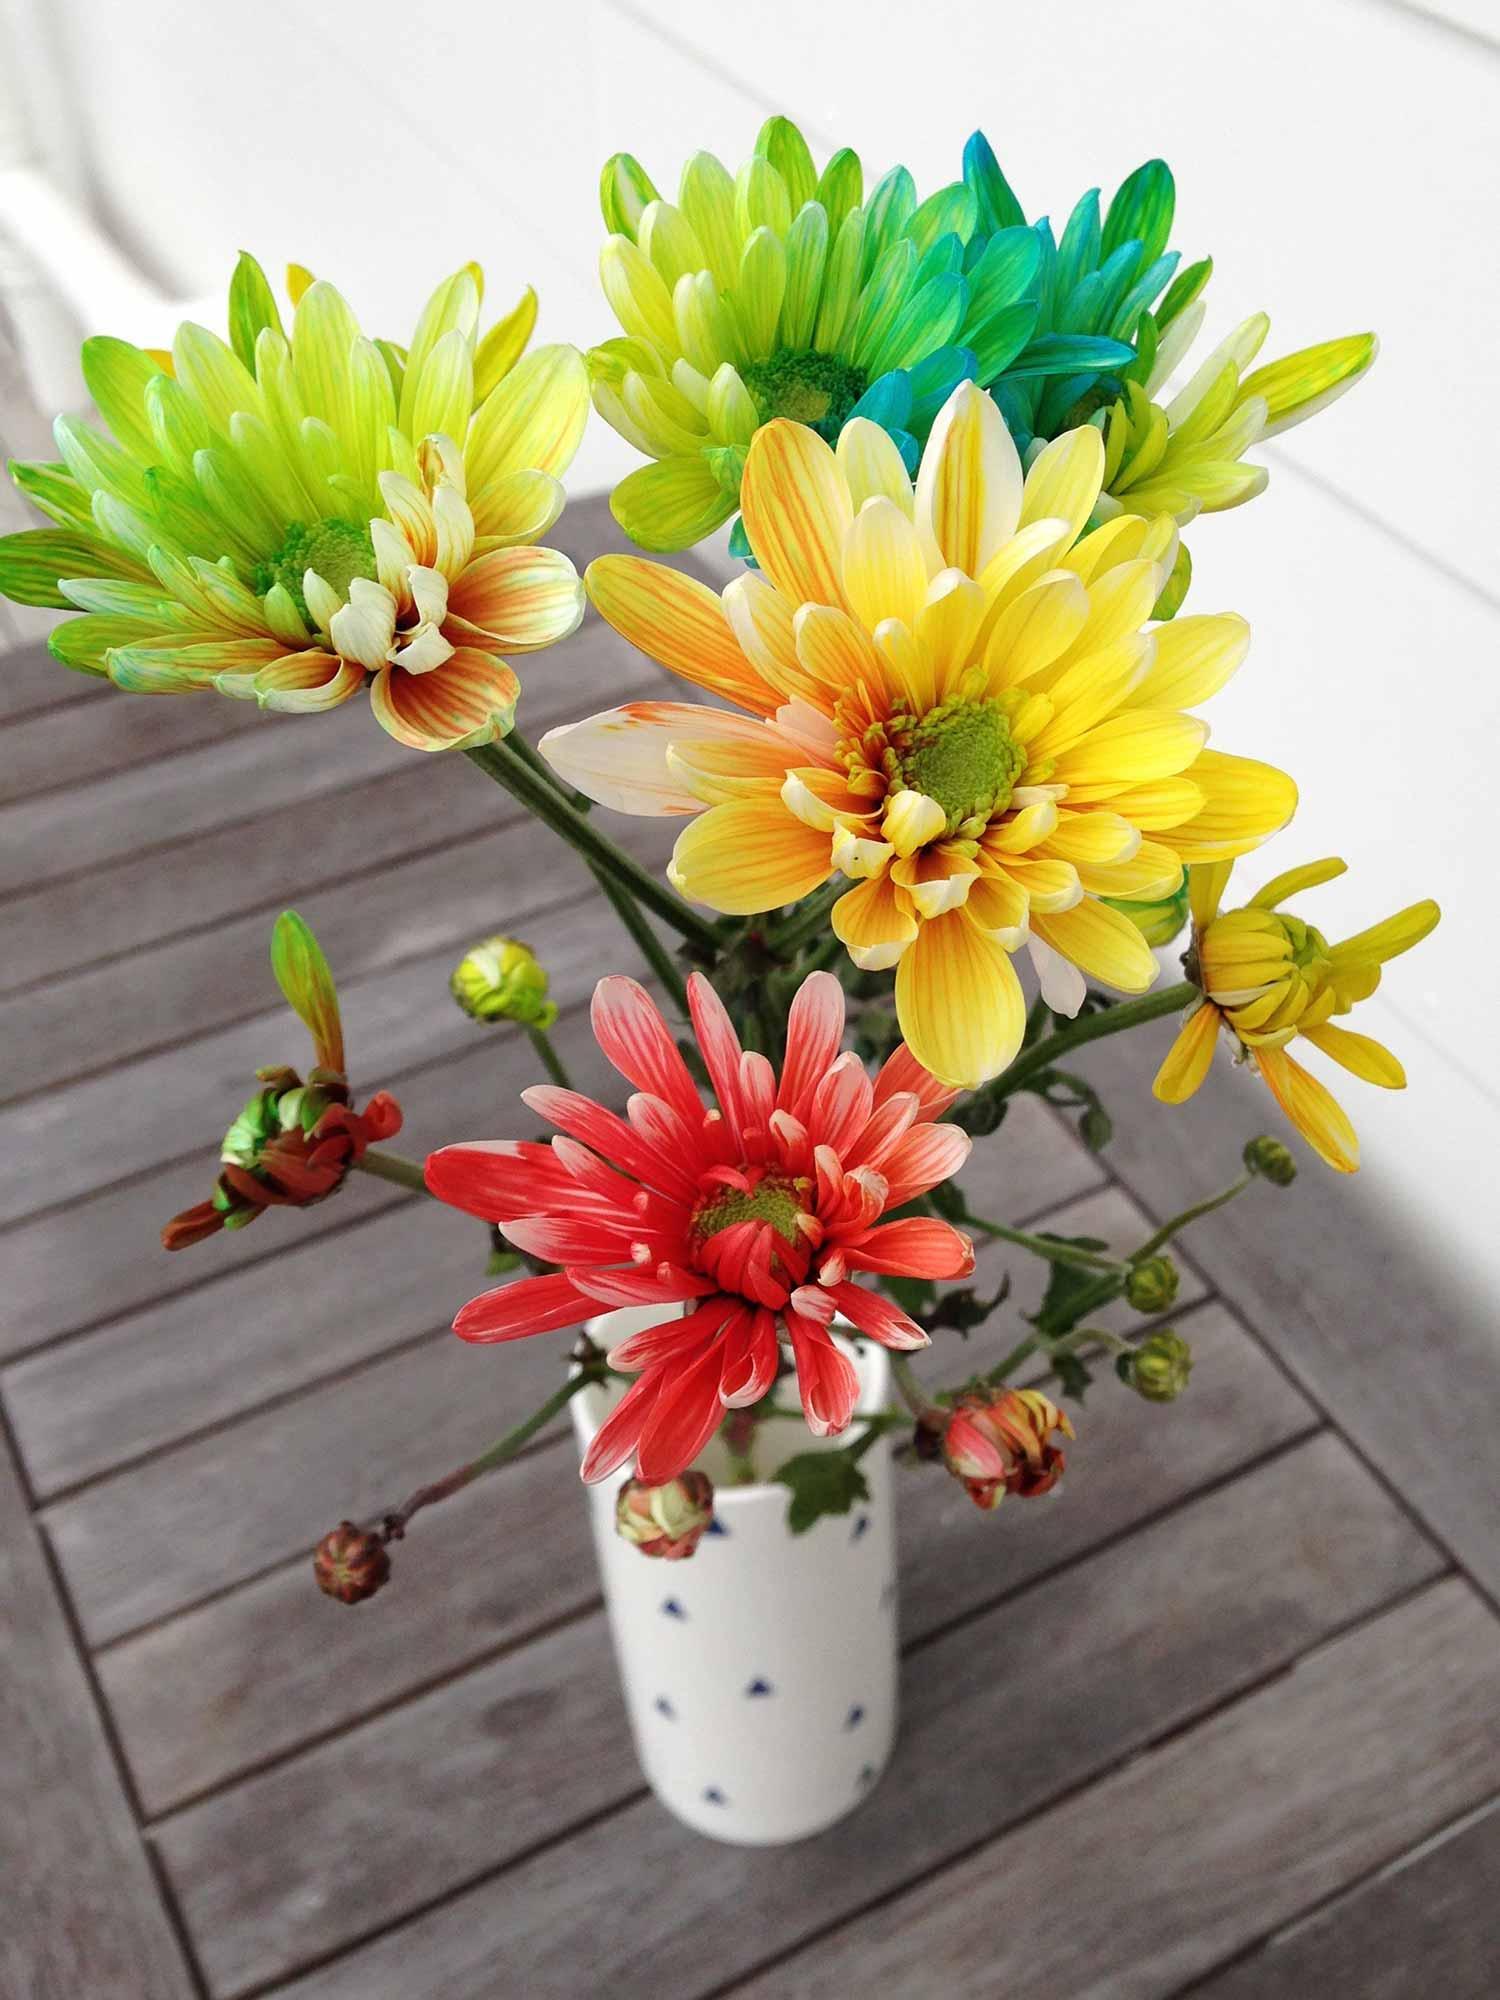 Rainbow spray chrysanthemums